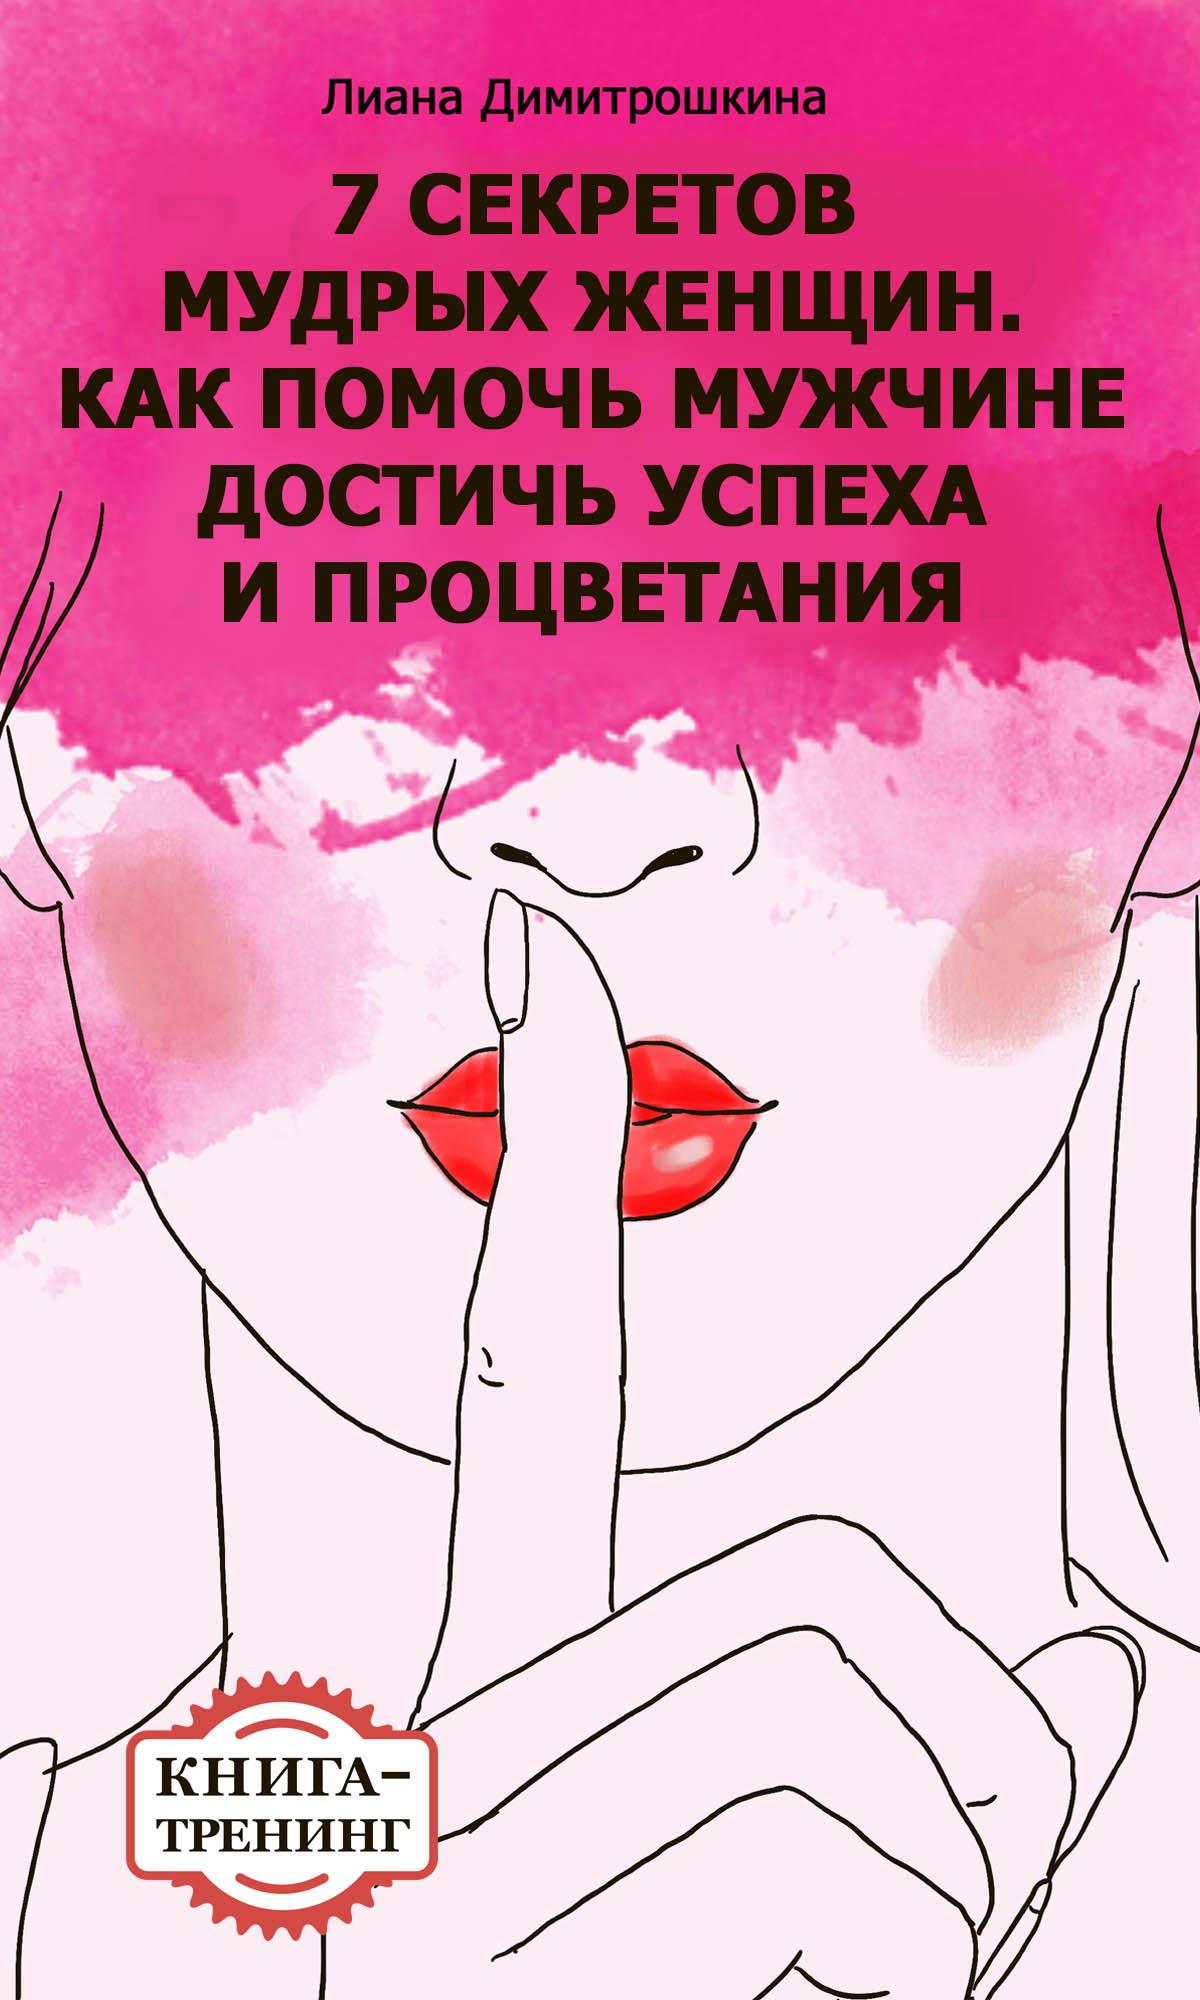 Лиана Димитрошкина 7 секретов мудрых женщин. Как помочь мужчине достичь успеха и процветания. Книга-тренинг цена